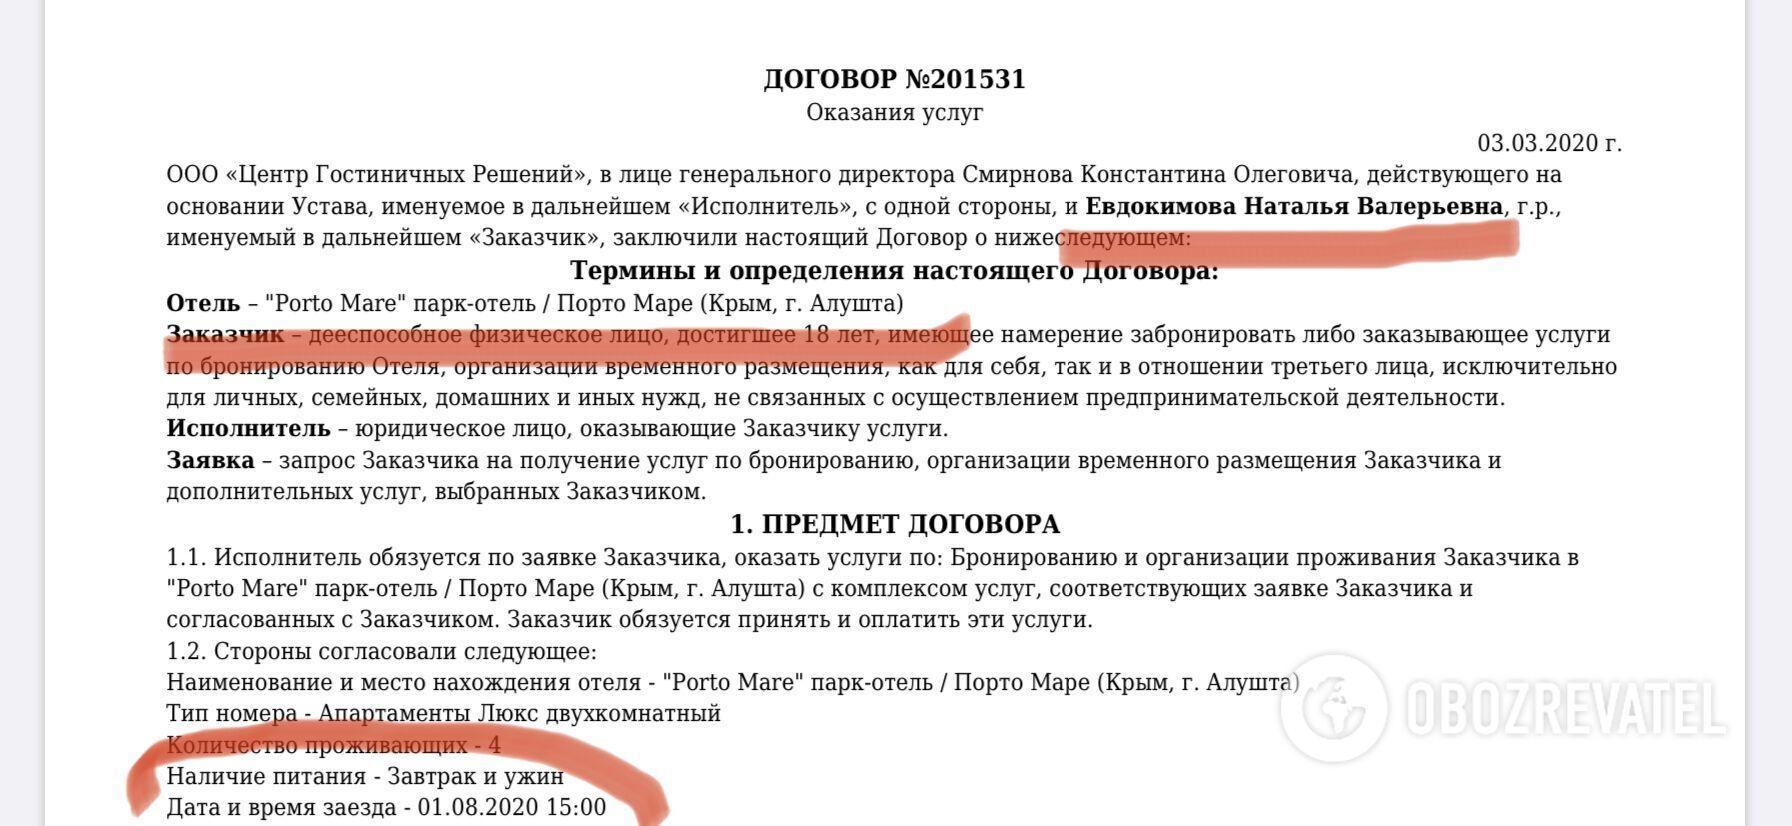 Отдых в Крыму семьи Евдокимова